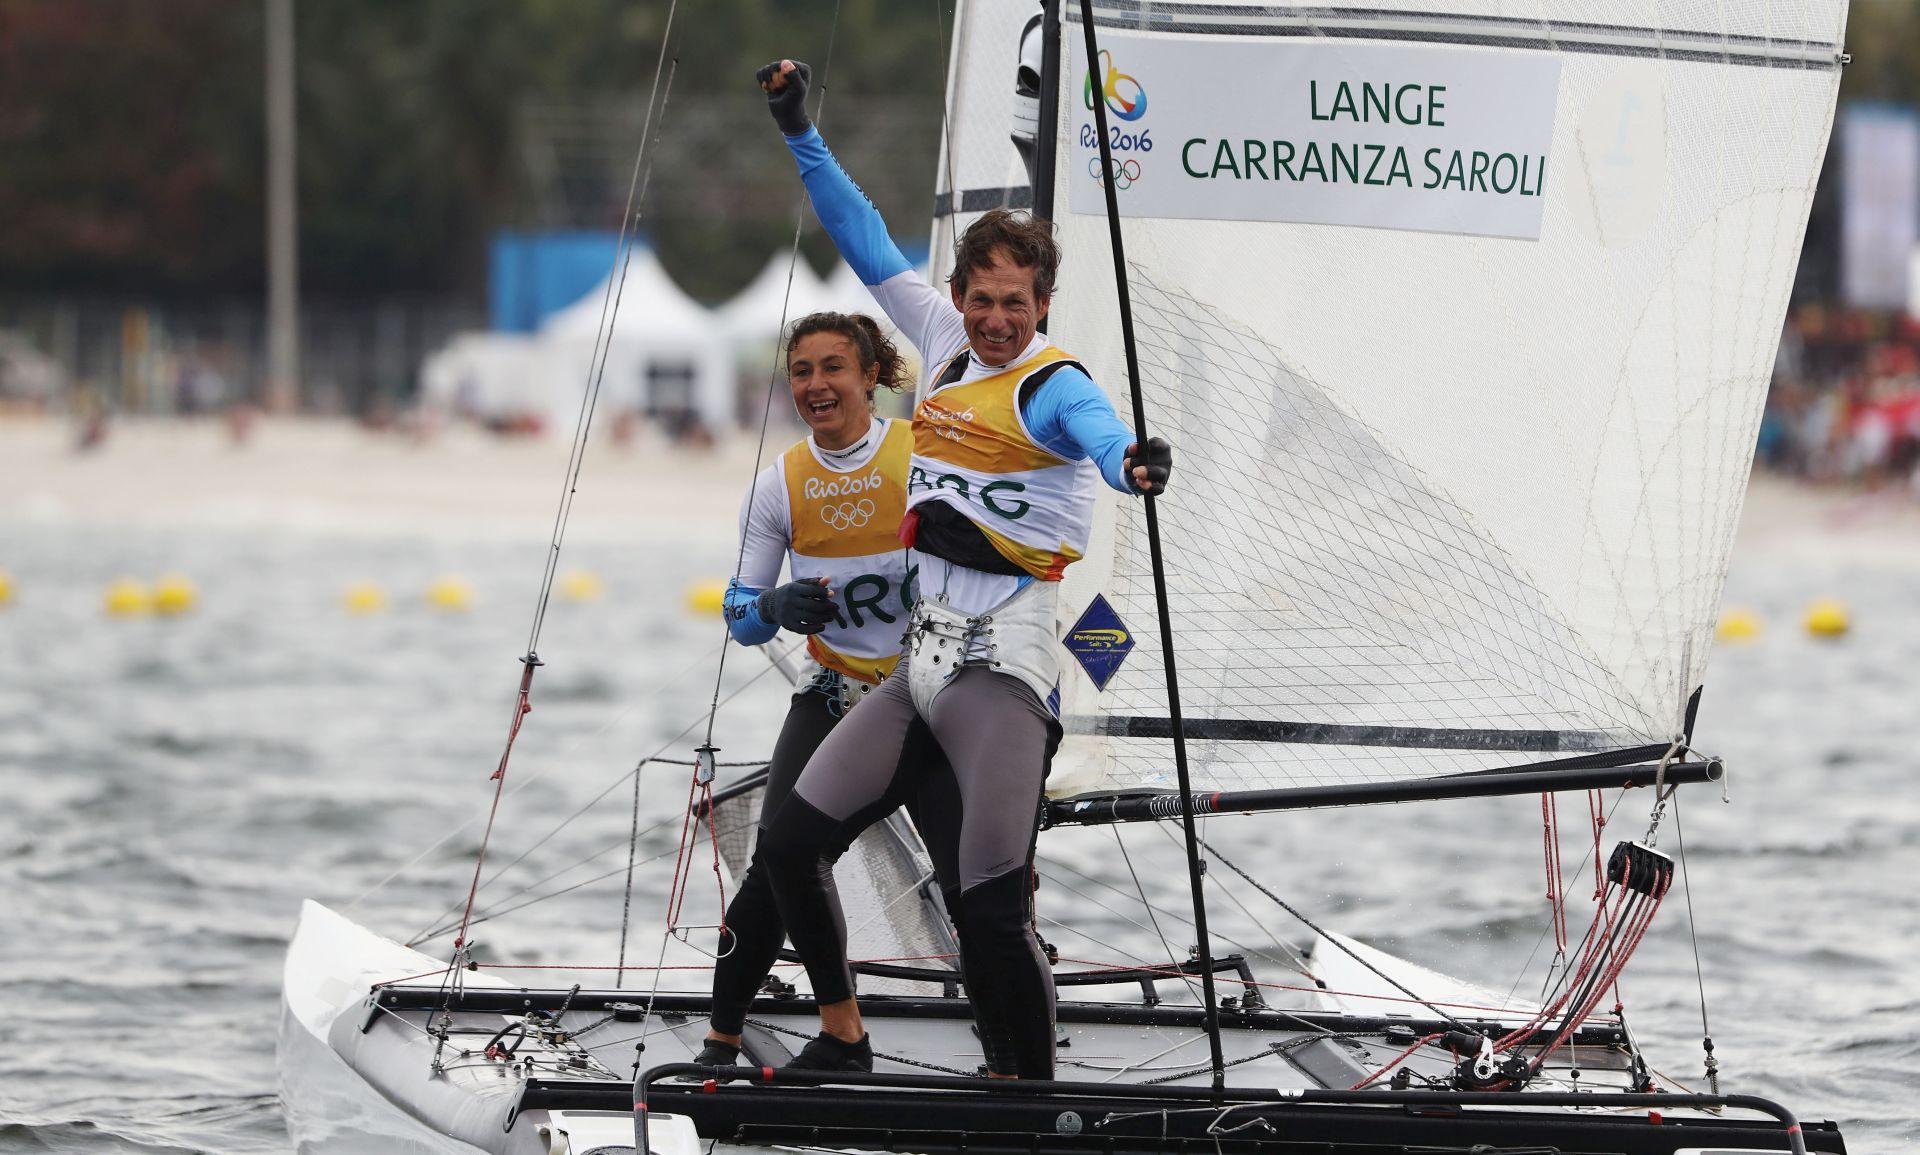 NEVJEROJATNA PRIČA 54-GODIŠNJAKA Argentinac pobijedio rak, ostao bez plućnog krila i osvojio zlato u Riju